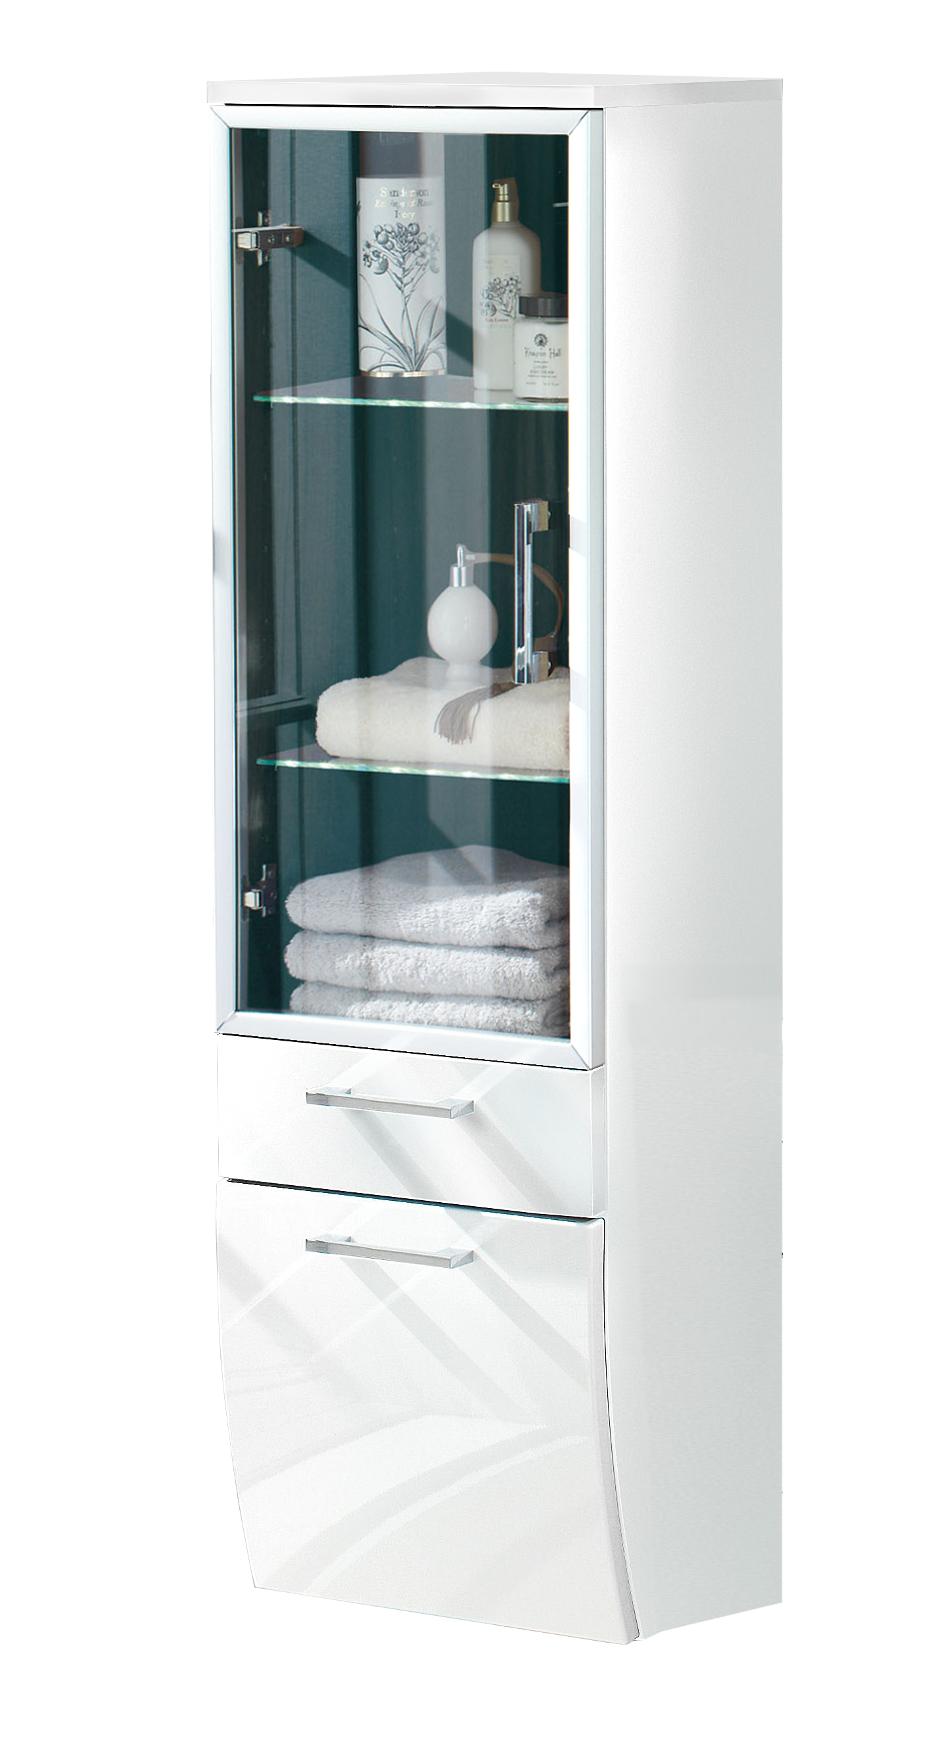 Details zu Badezimmer Midischrank RIMA Aufbewahrungsschrank Badschrank  Glastür 40 cm weiss